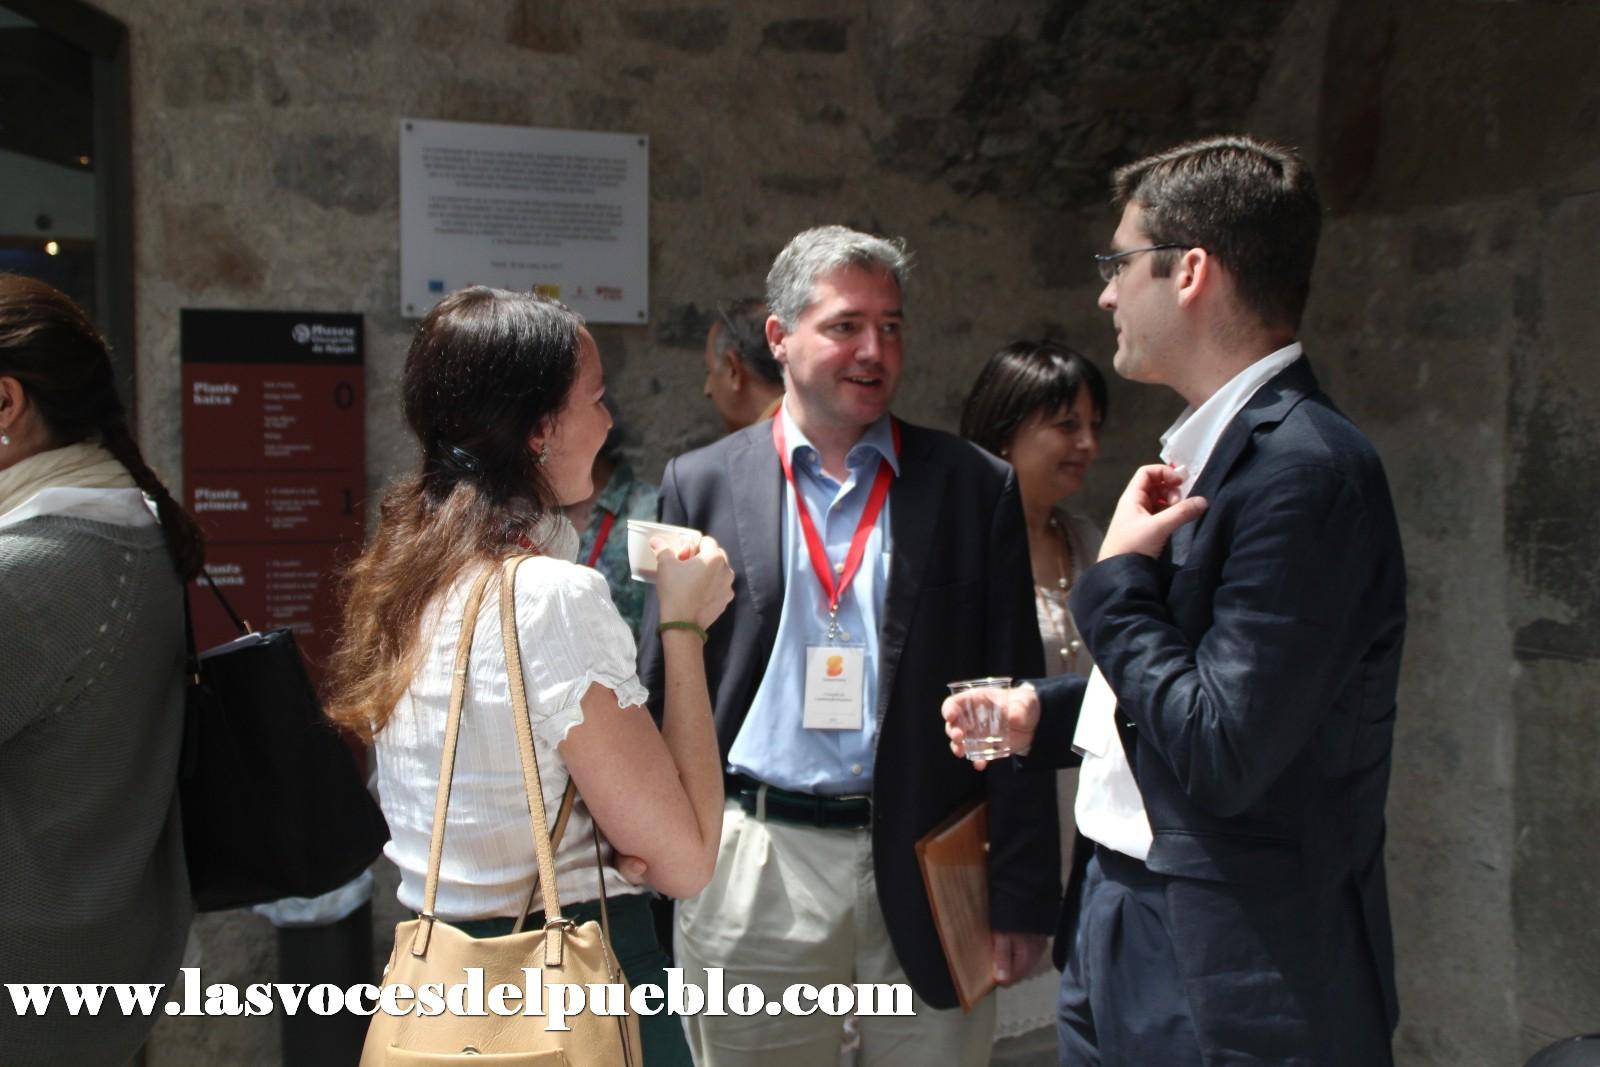 las voces del pueblo_I Congreso de Somatemps_Ripoll_Gerona (106)